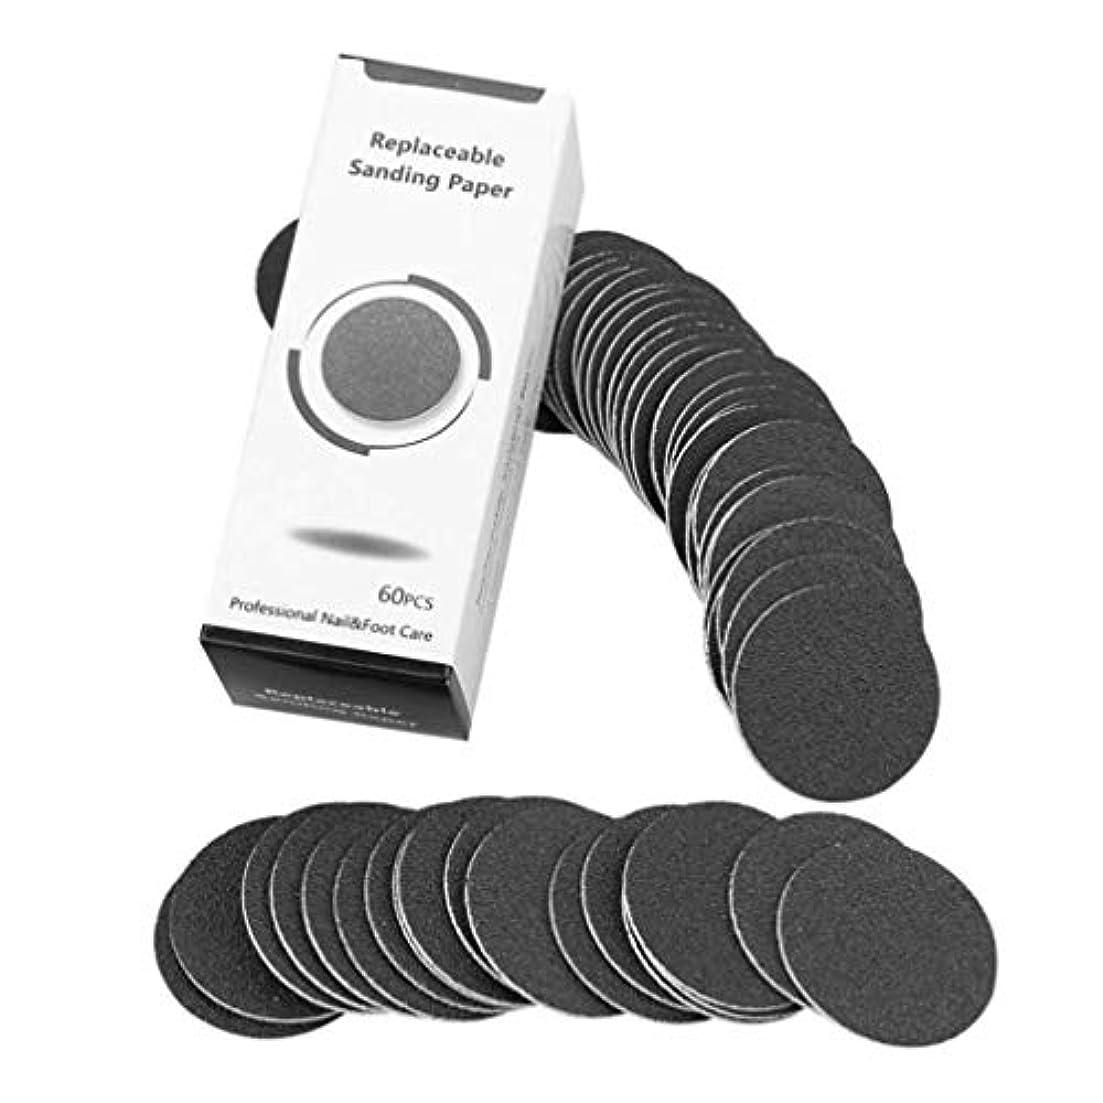 役に立たないサイトライン納税者エレクトリックフットカルスリムーバー1ボックス(60個)の交換用サンドペーパーディスク